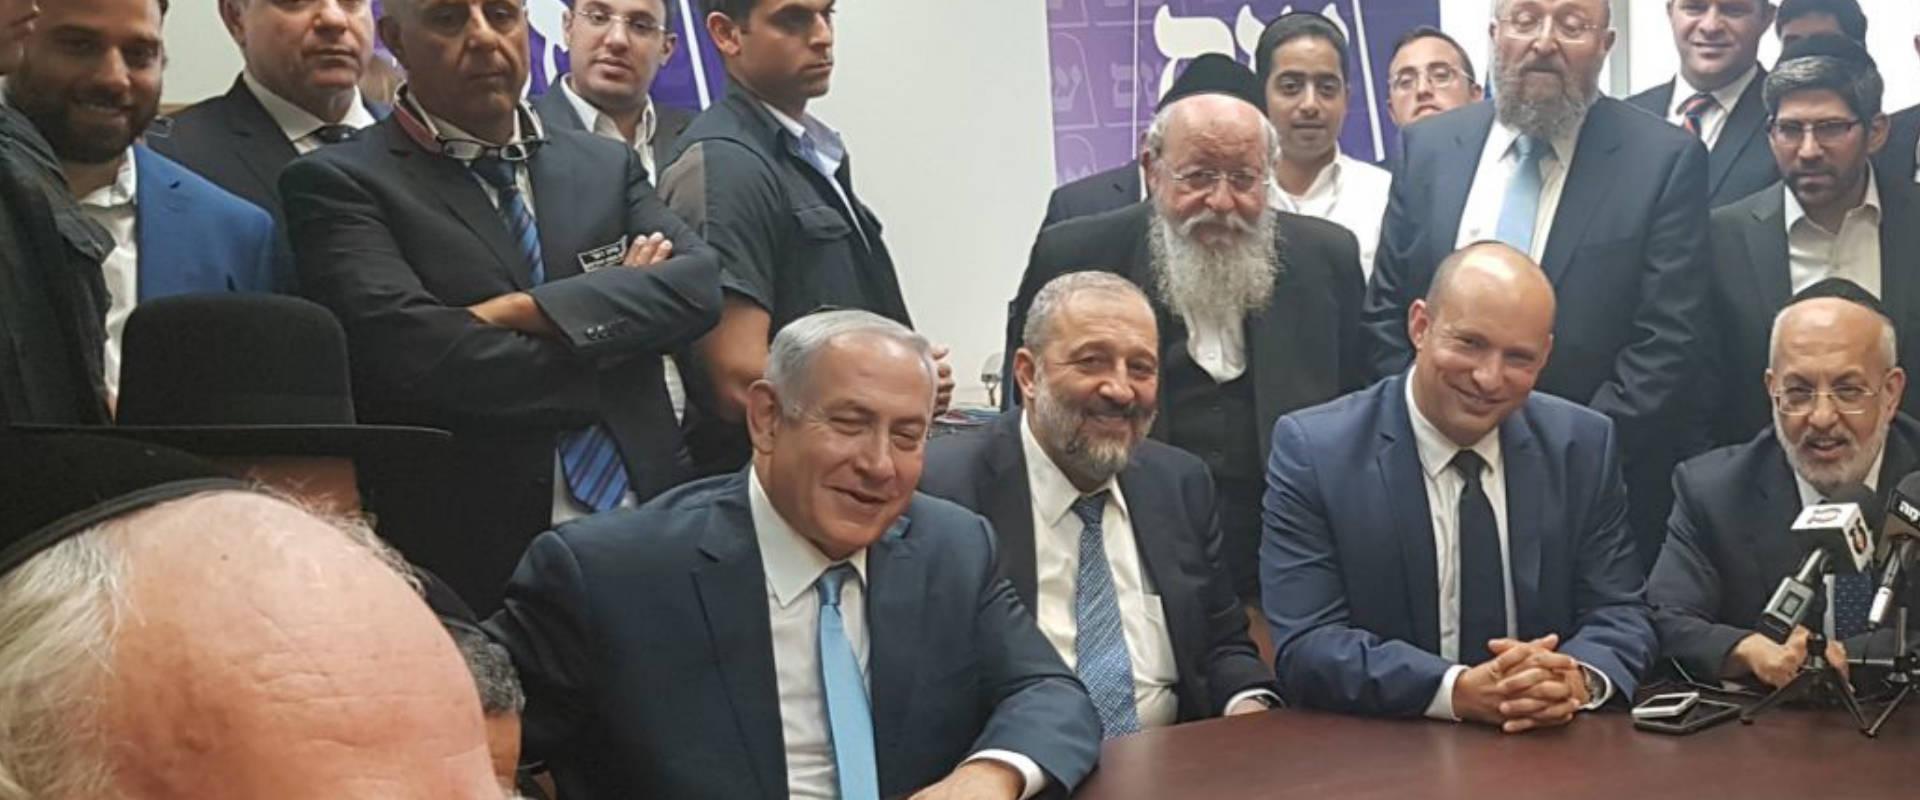 """ראש הממשלה בנימין נתניהו בישיבת סיעת ש""""ס, היום"""